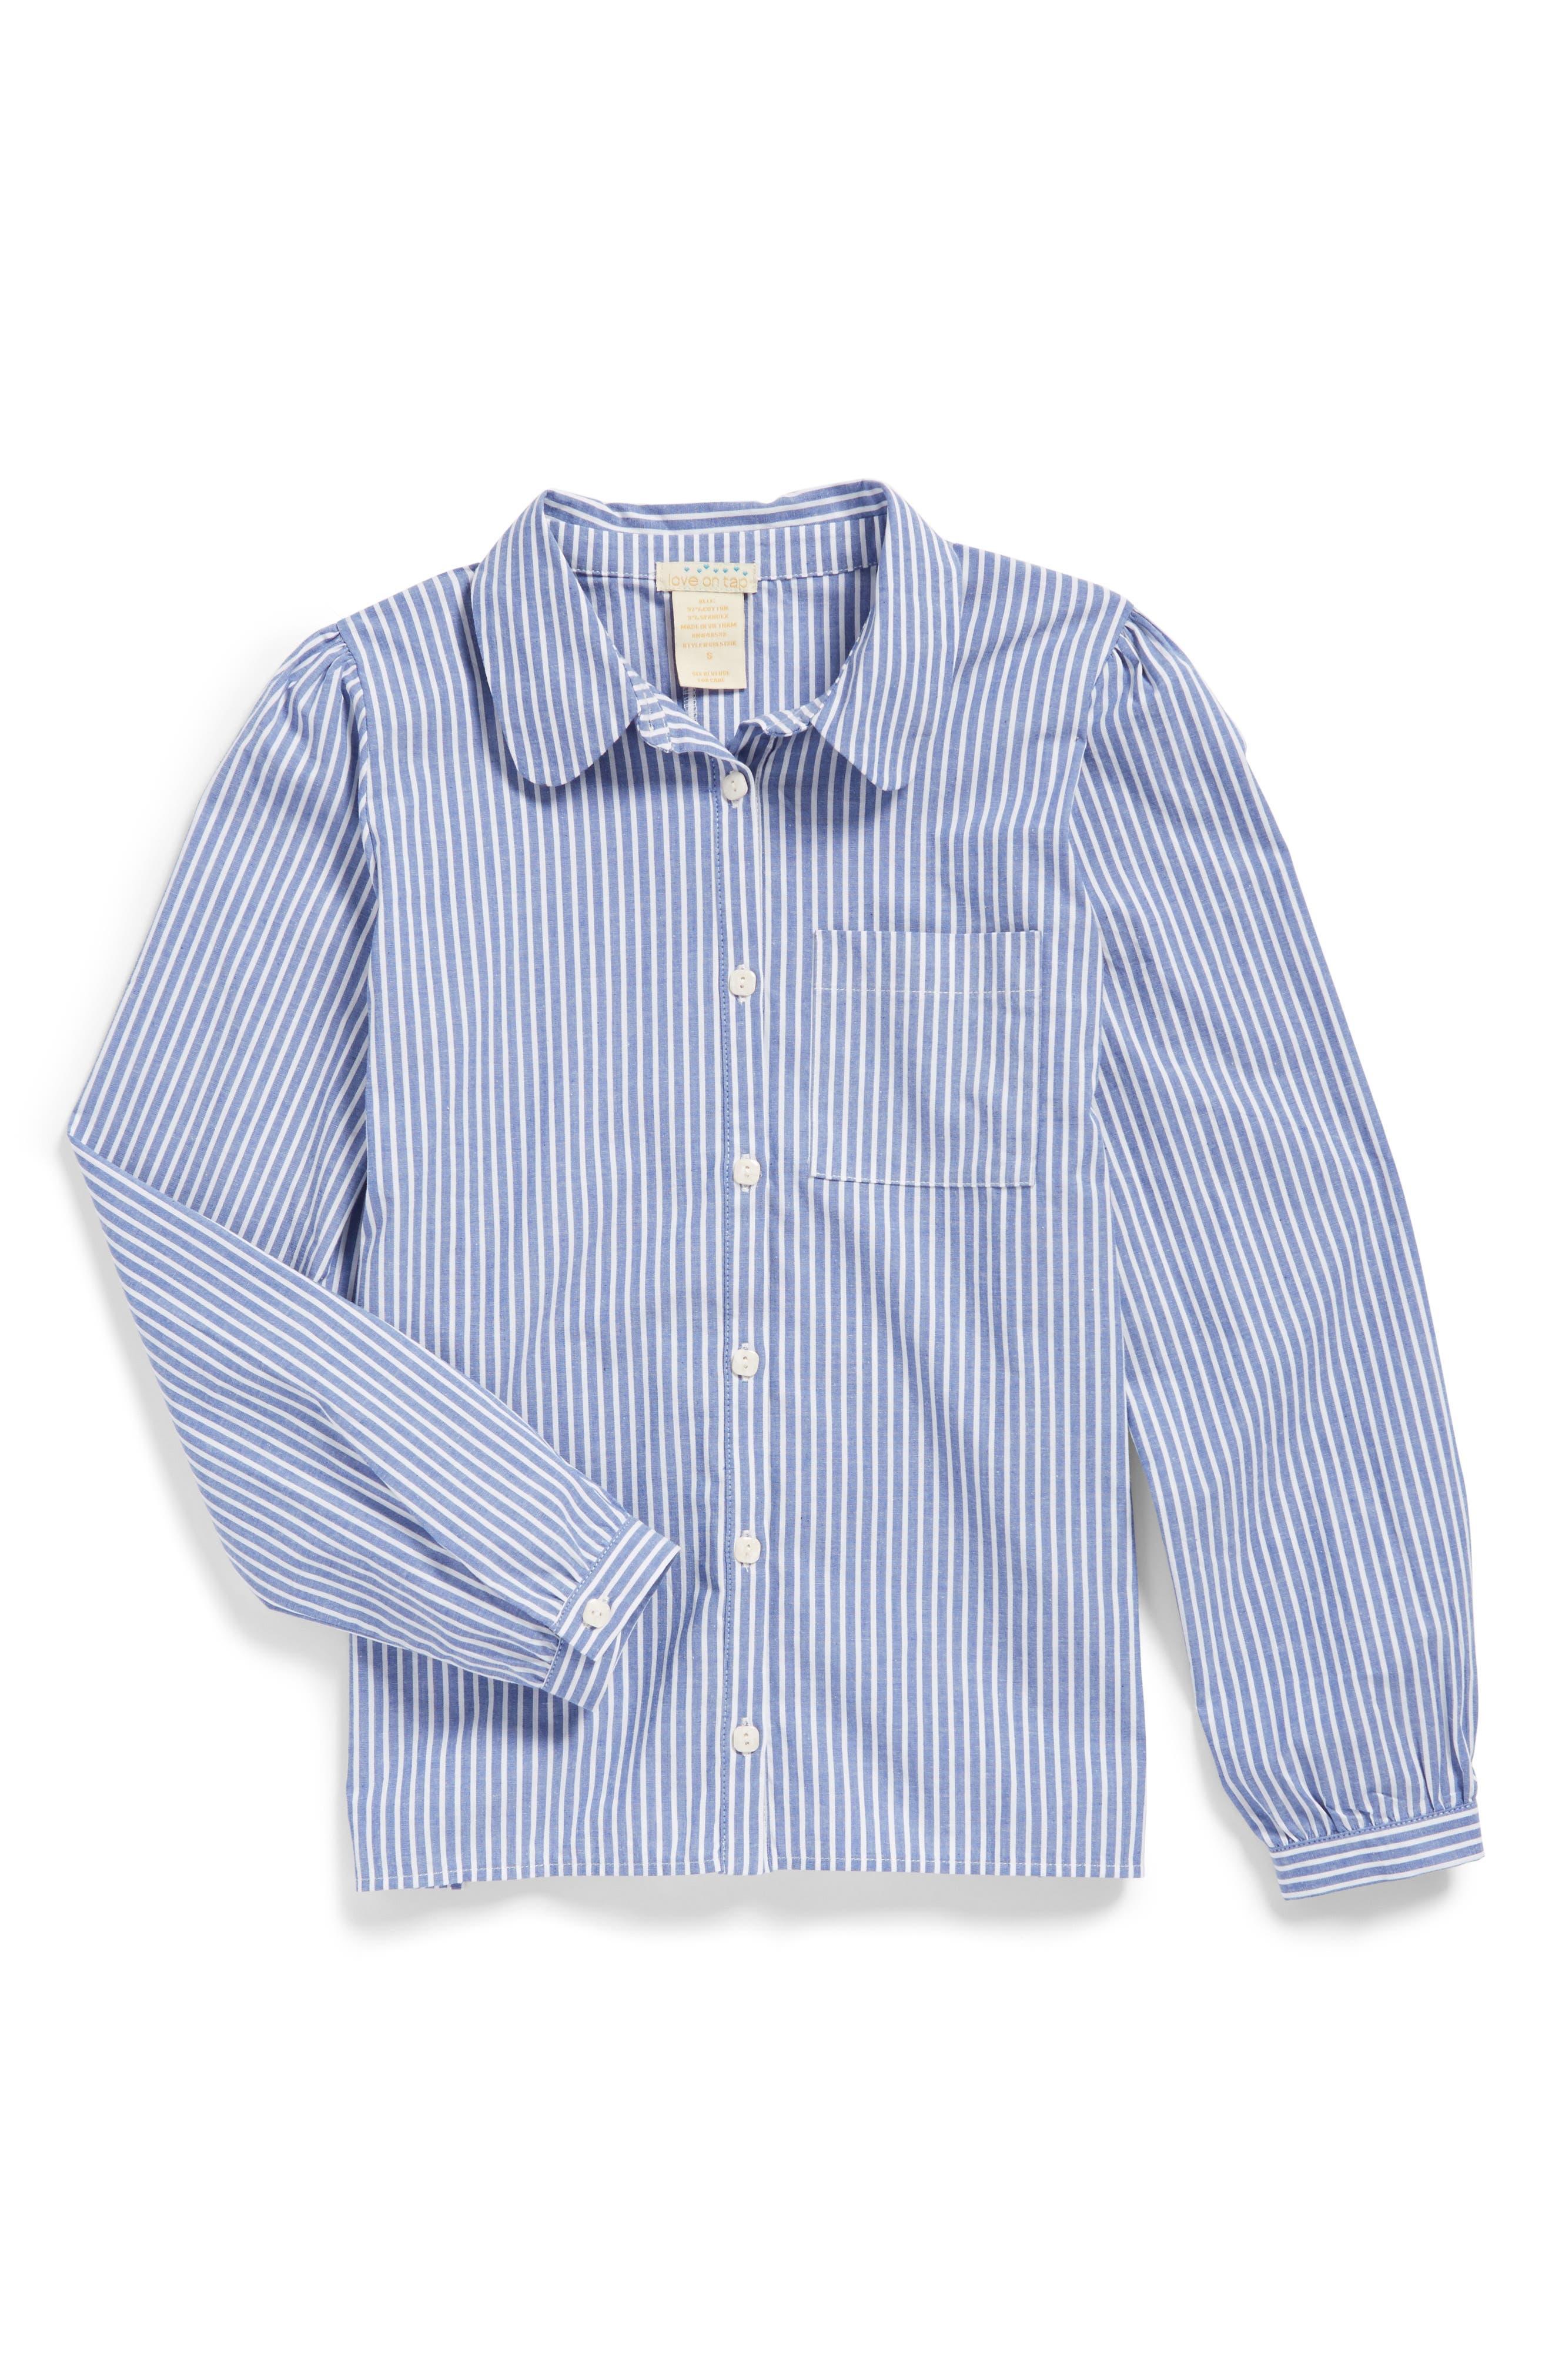 Stripe Stretch Cotton Shirt,                             Main thumbnail 1, color,                             Royal/ White